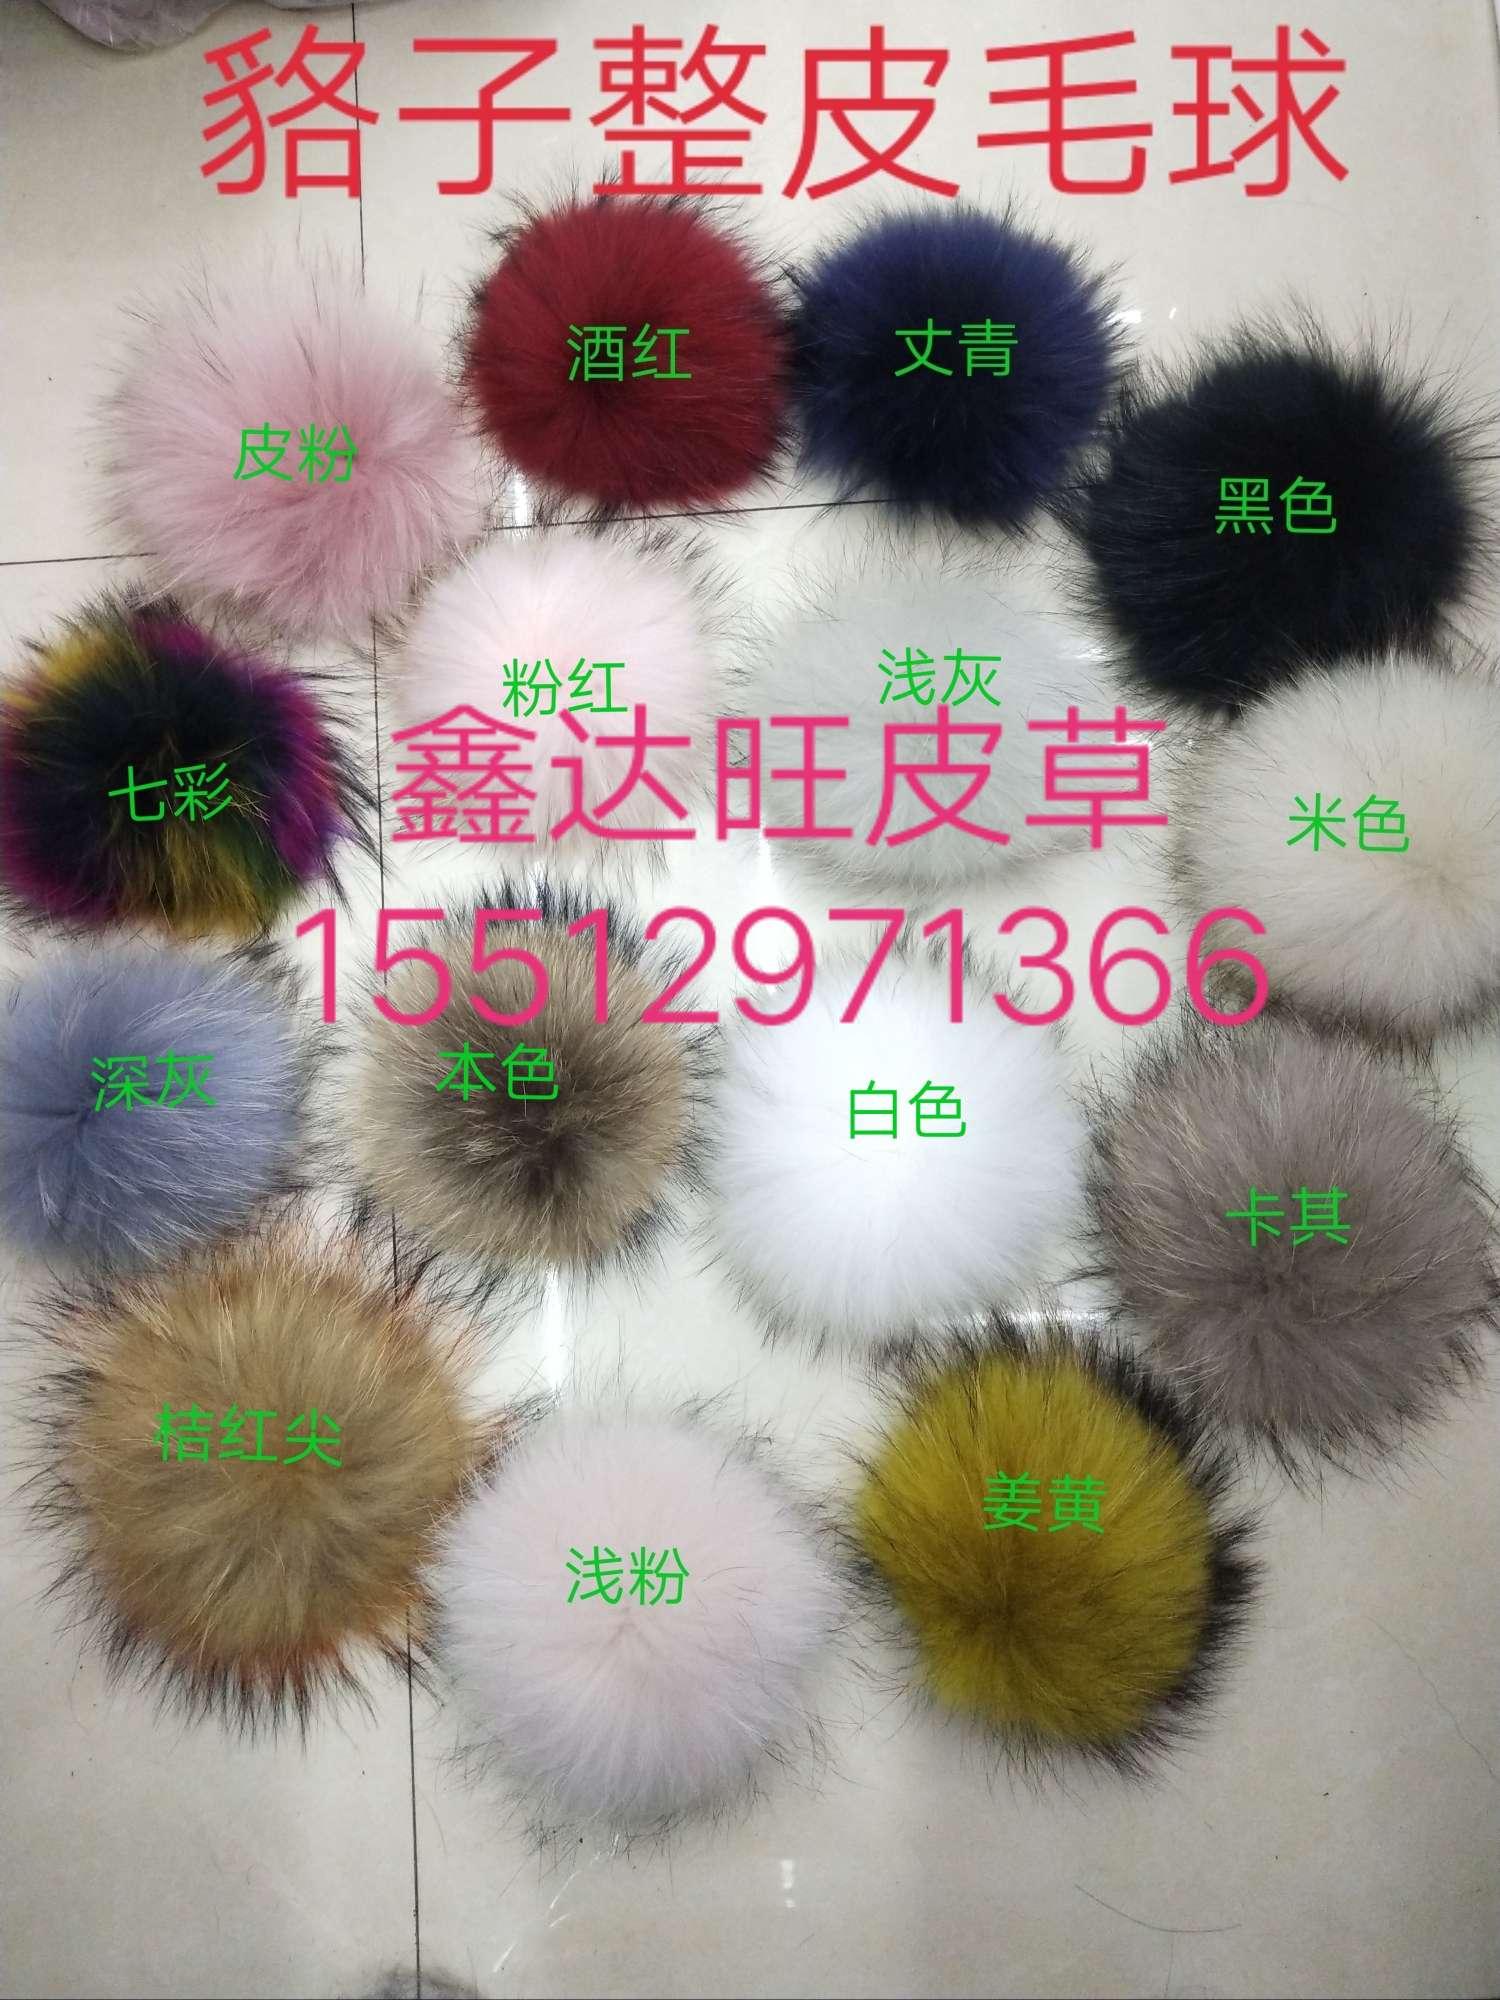 真毛貉子毛毛球新款超大15公分DIY针织帽子棒球帽箱包包专用饰品挂件内销外贸出口